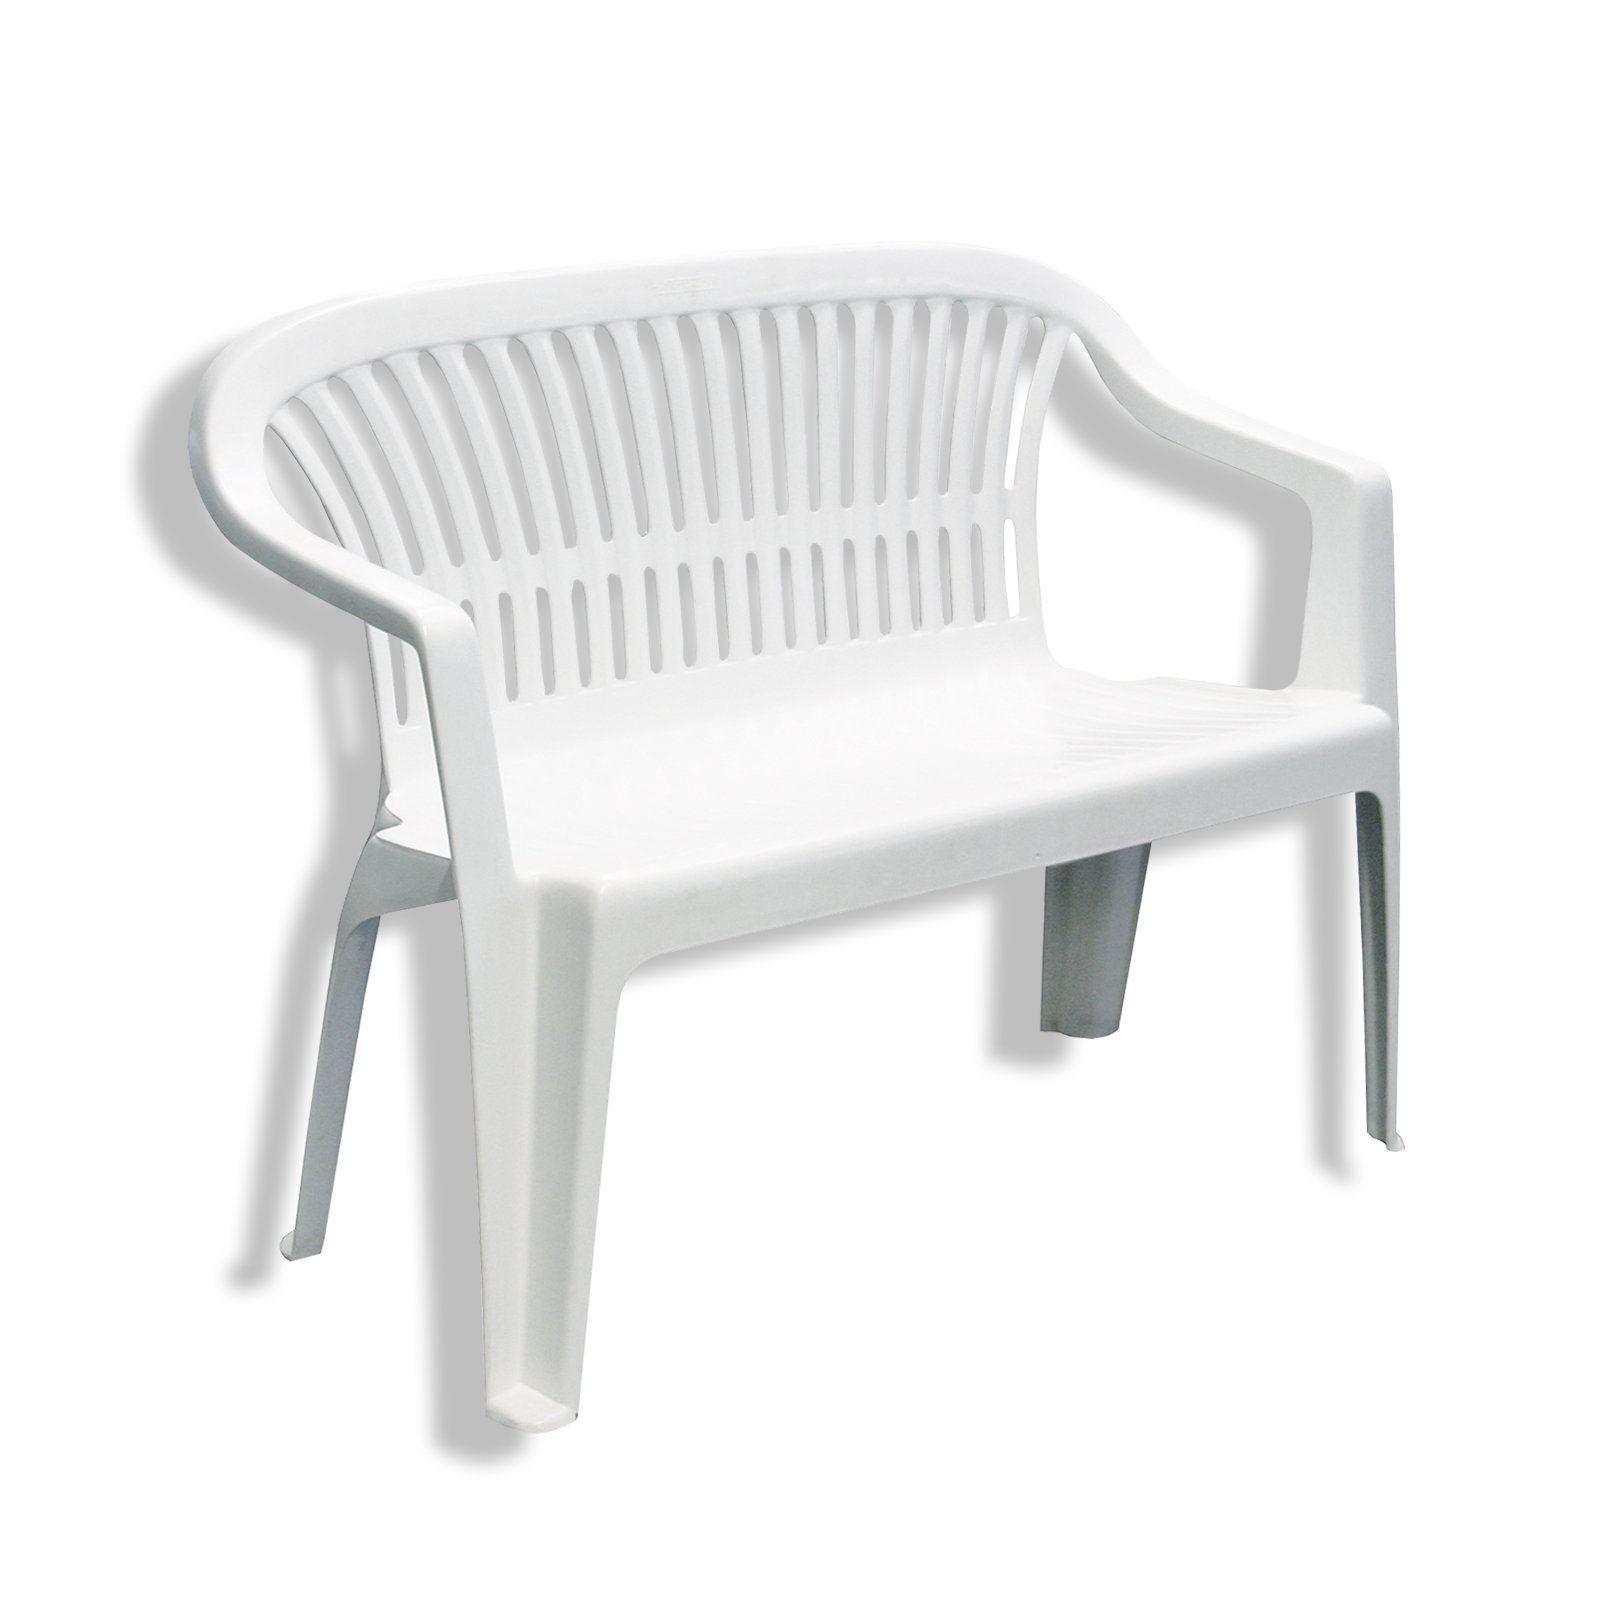 Gartenbank Kunststoff Weiß | Kunststoff Gartenbank | Pinterest